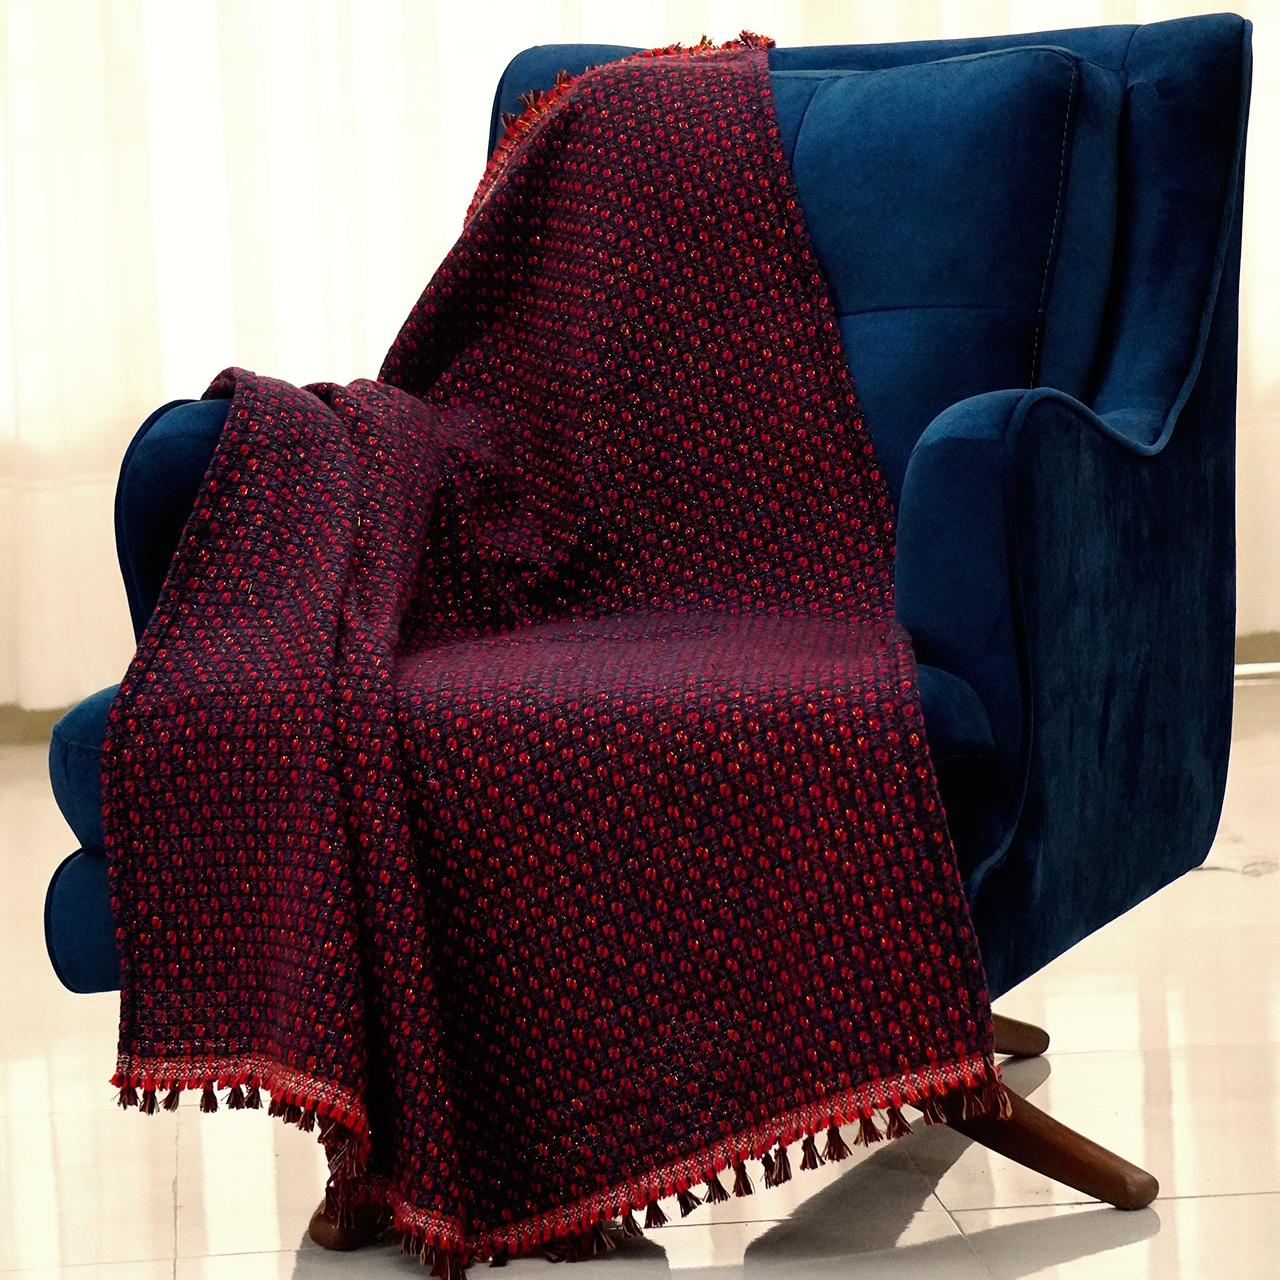 شال مبل و تخت مدل یاقوت سایز 120x150 سانتیمتر